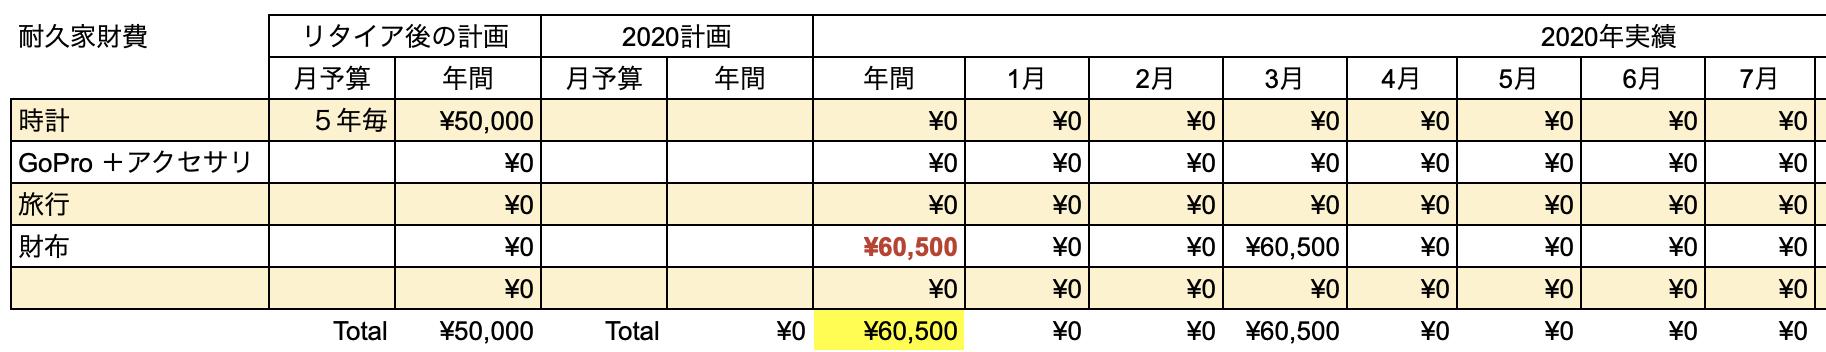 支出実績2020_07月_耐久家財費